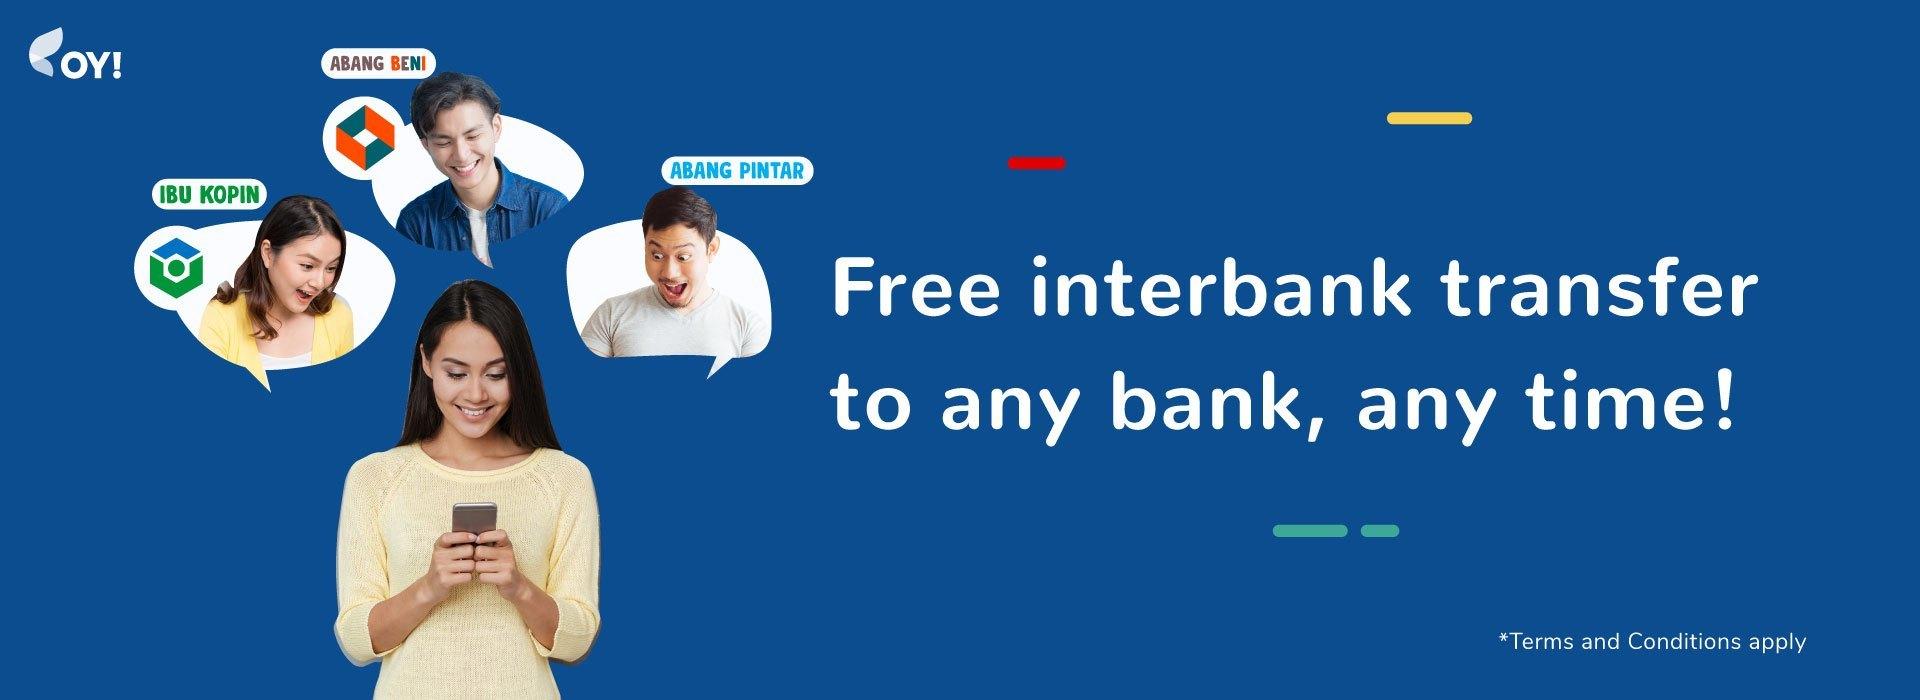 Cara Transfer Uang Antar Bank Gratis Biaya Admin